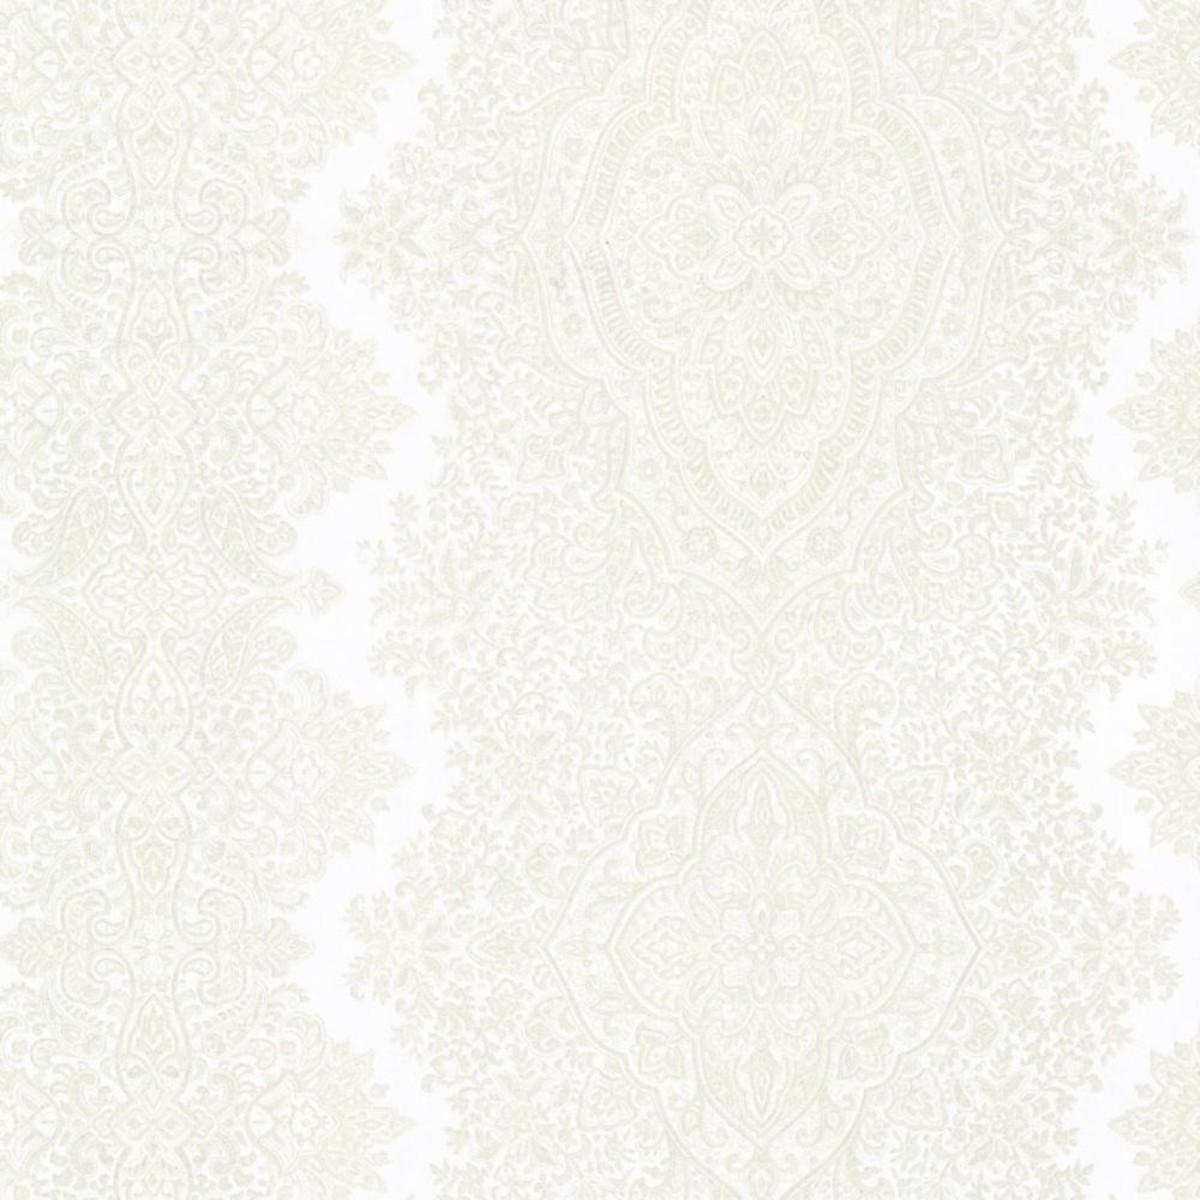 Обои флизелиновые Aura Avalon серые 0.53 м DL21431 (2665-21431)